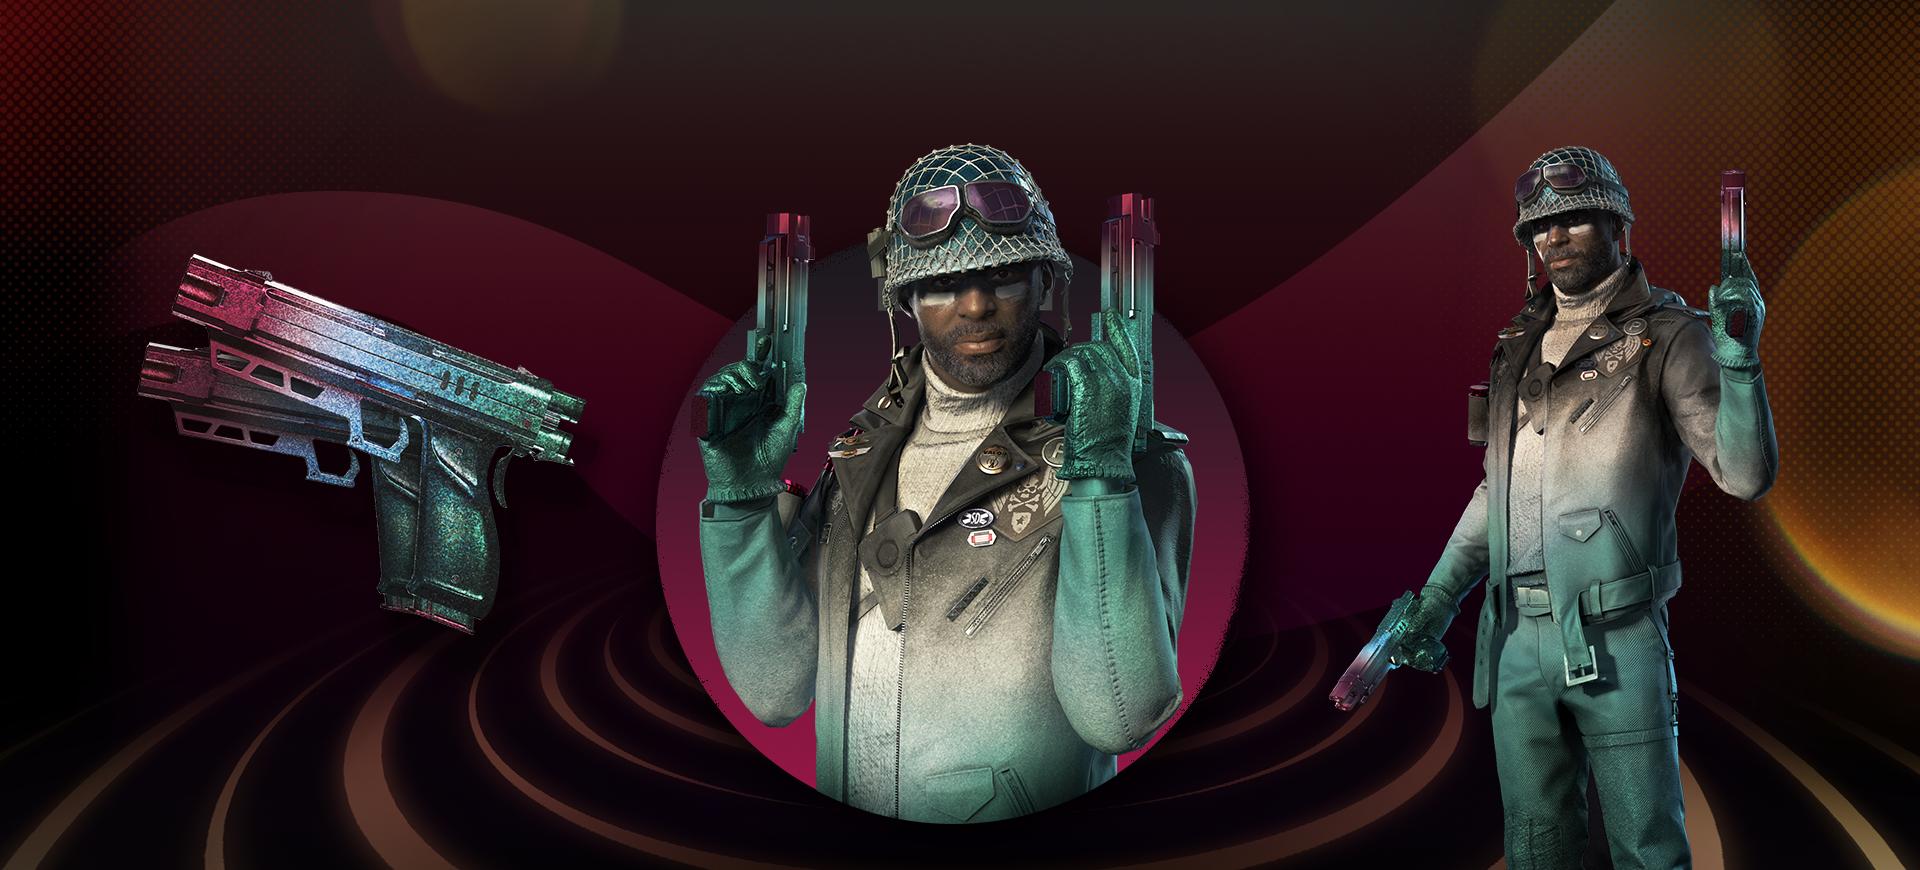 Игроки могут бесплатно получить уникальные предметы в Deathloop за присоединение к программе Arkane Outsiders